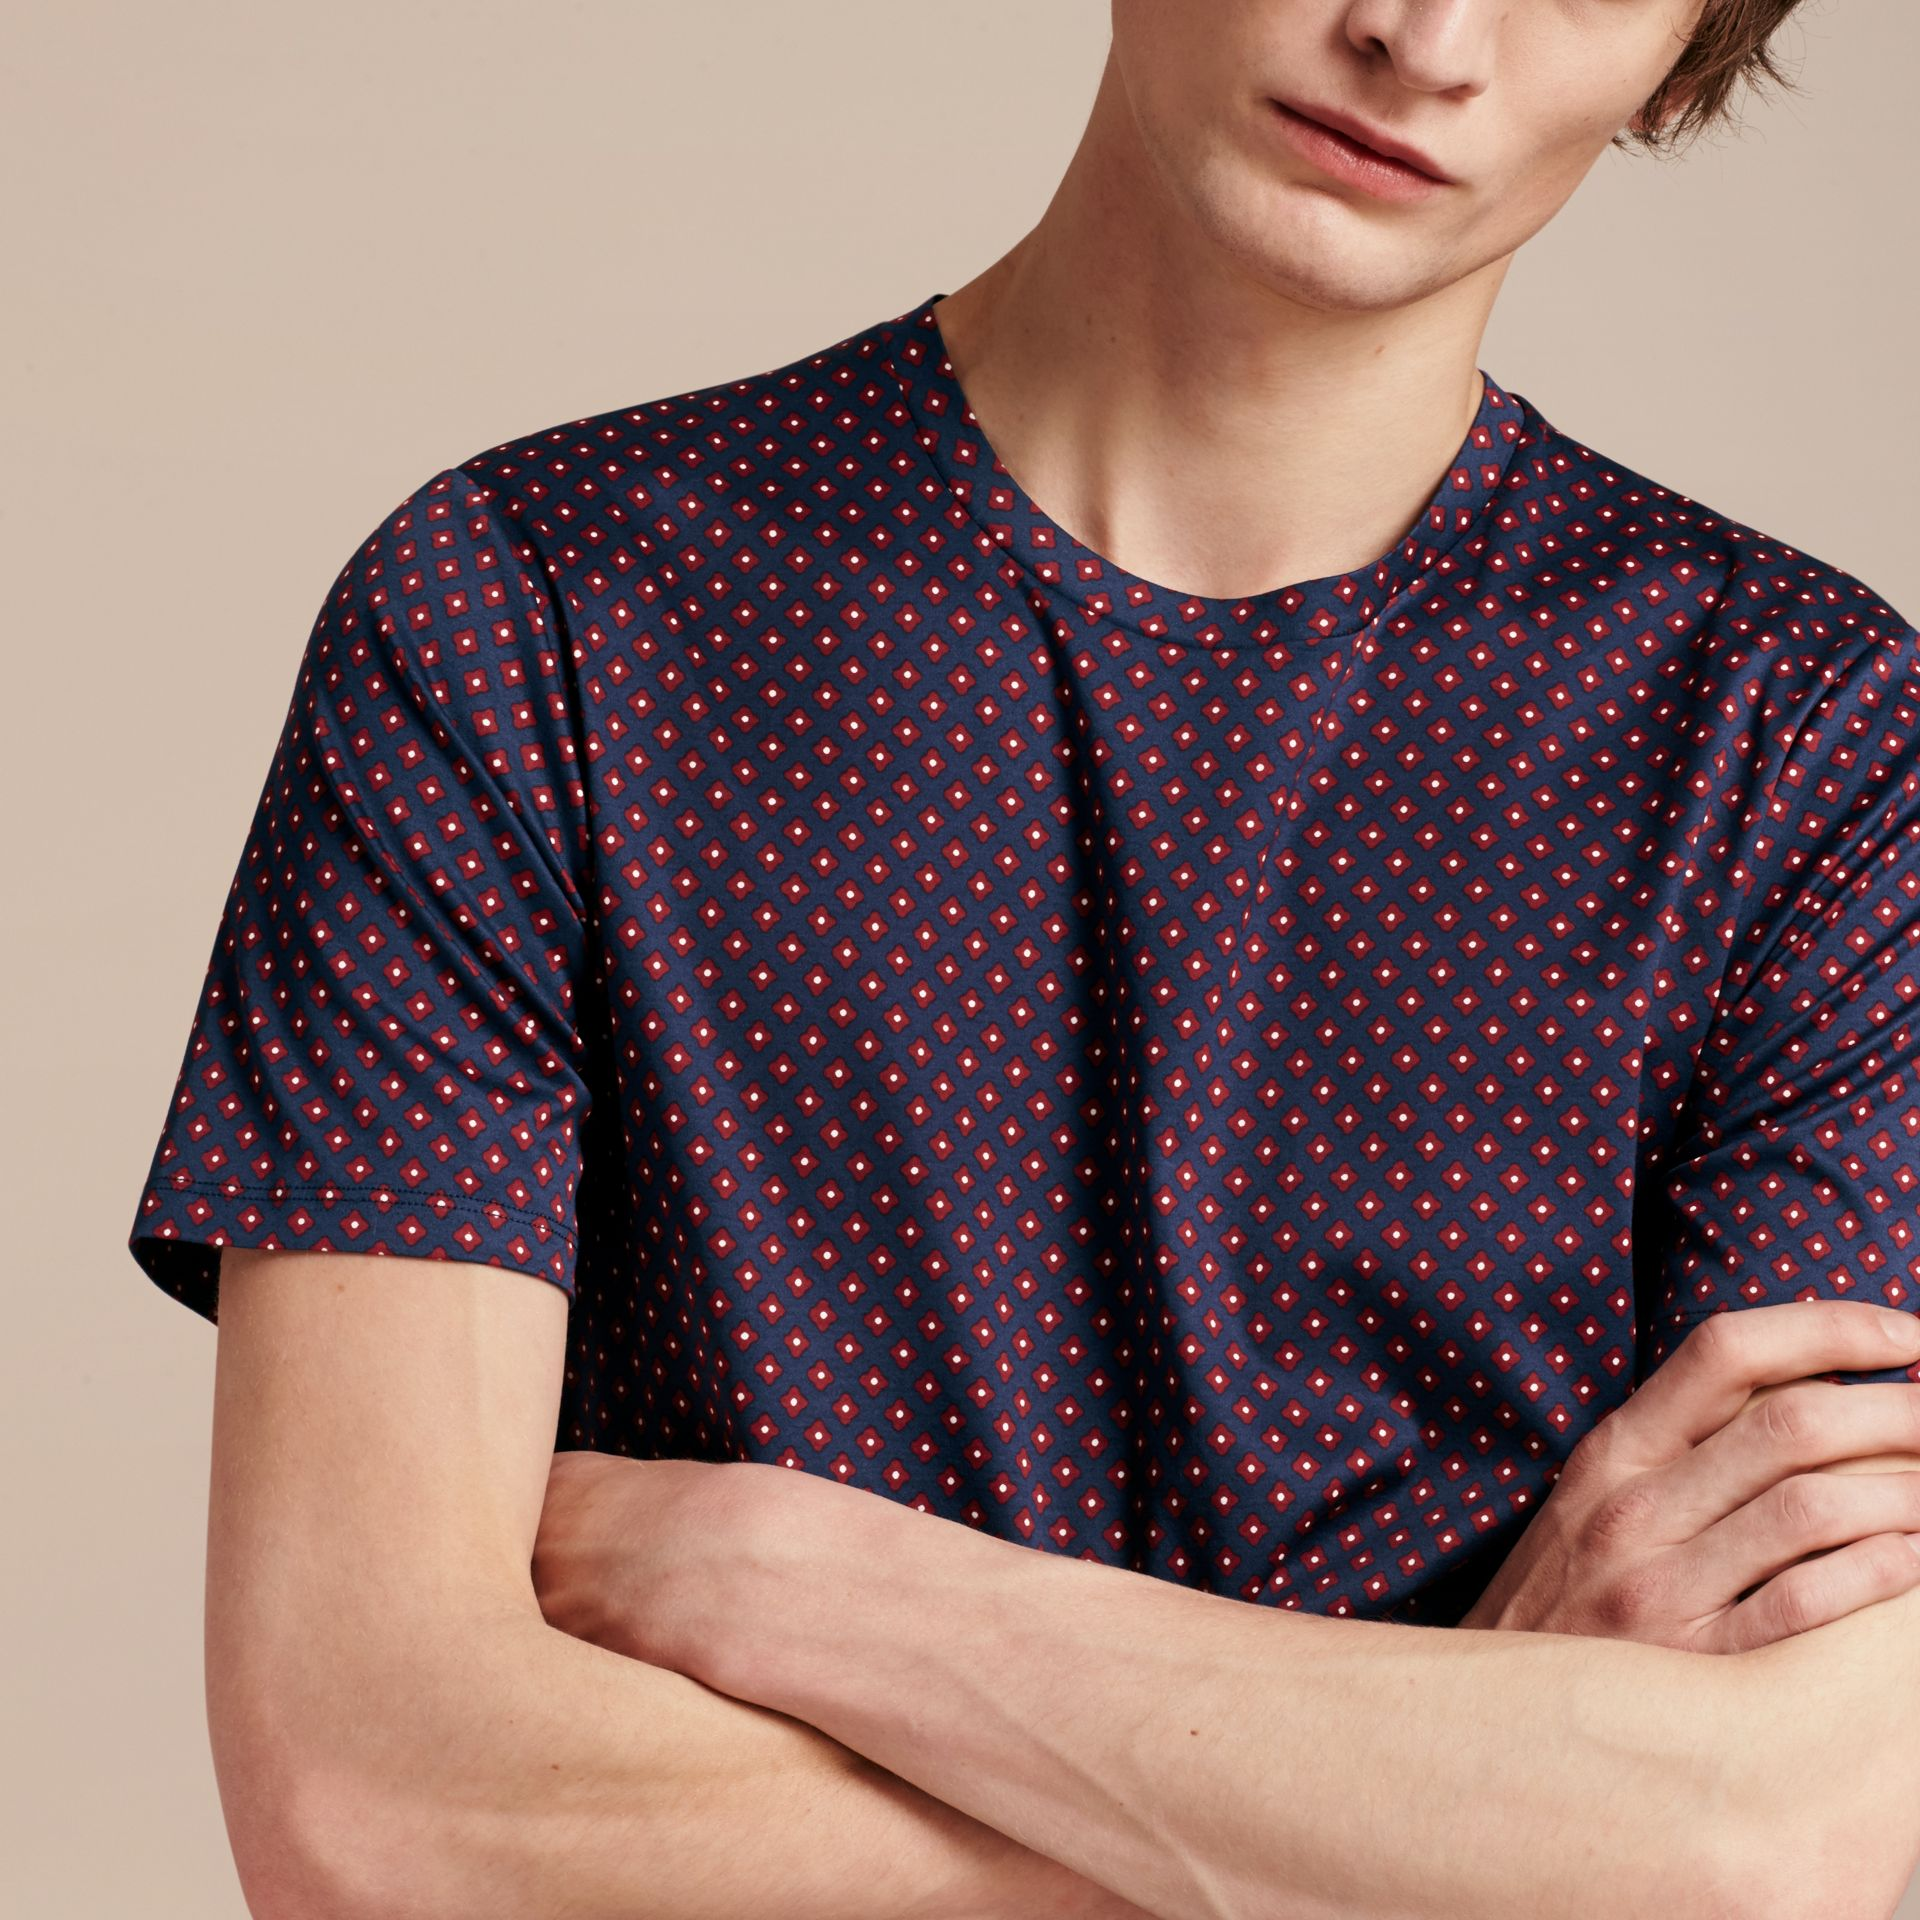 Helles marineblau Baumwoll-T-Shirt mit geometrischem Druckmotiv - Galerie-Bild 5